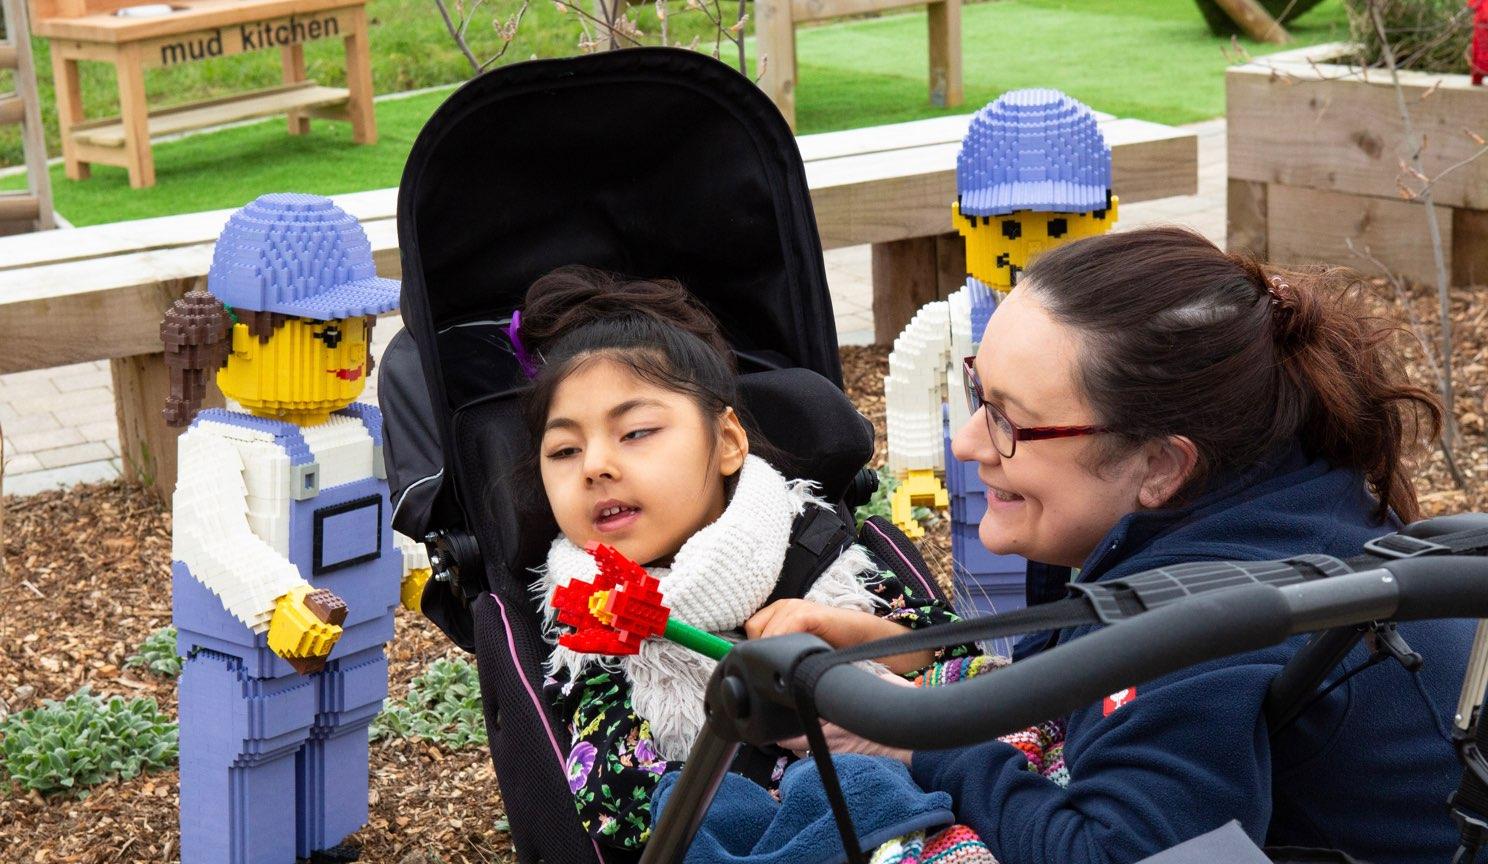 Alexander Devine Children in Gardens with Lego figures.